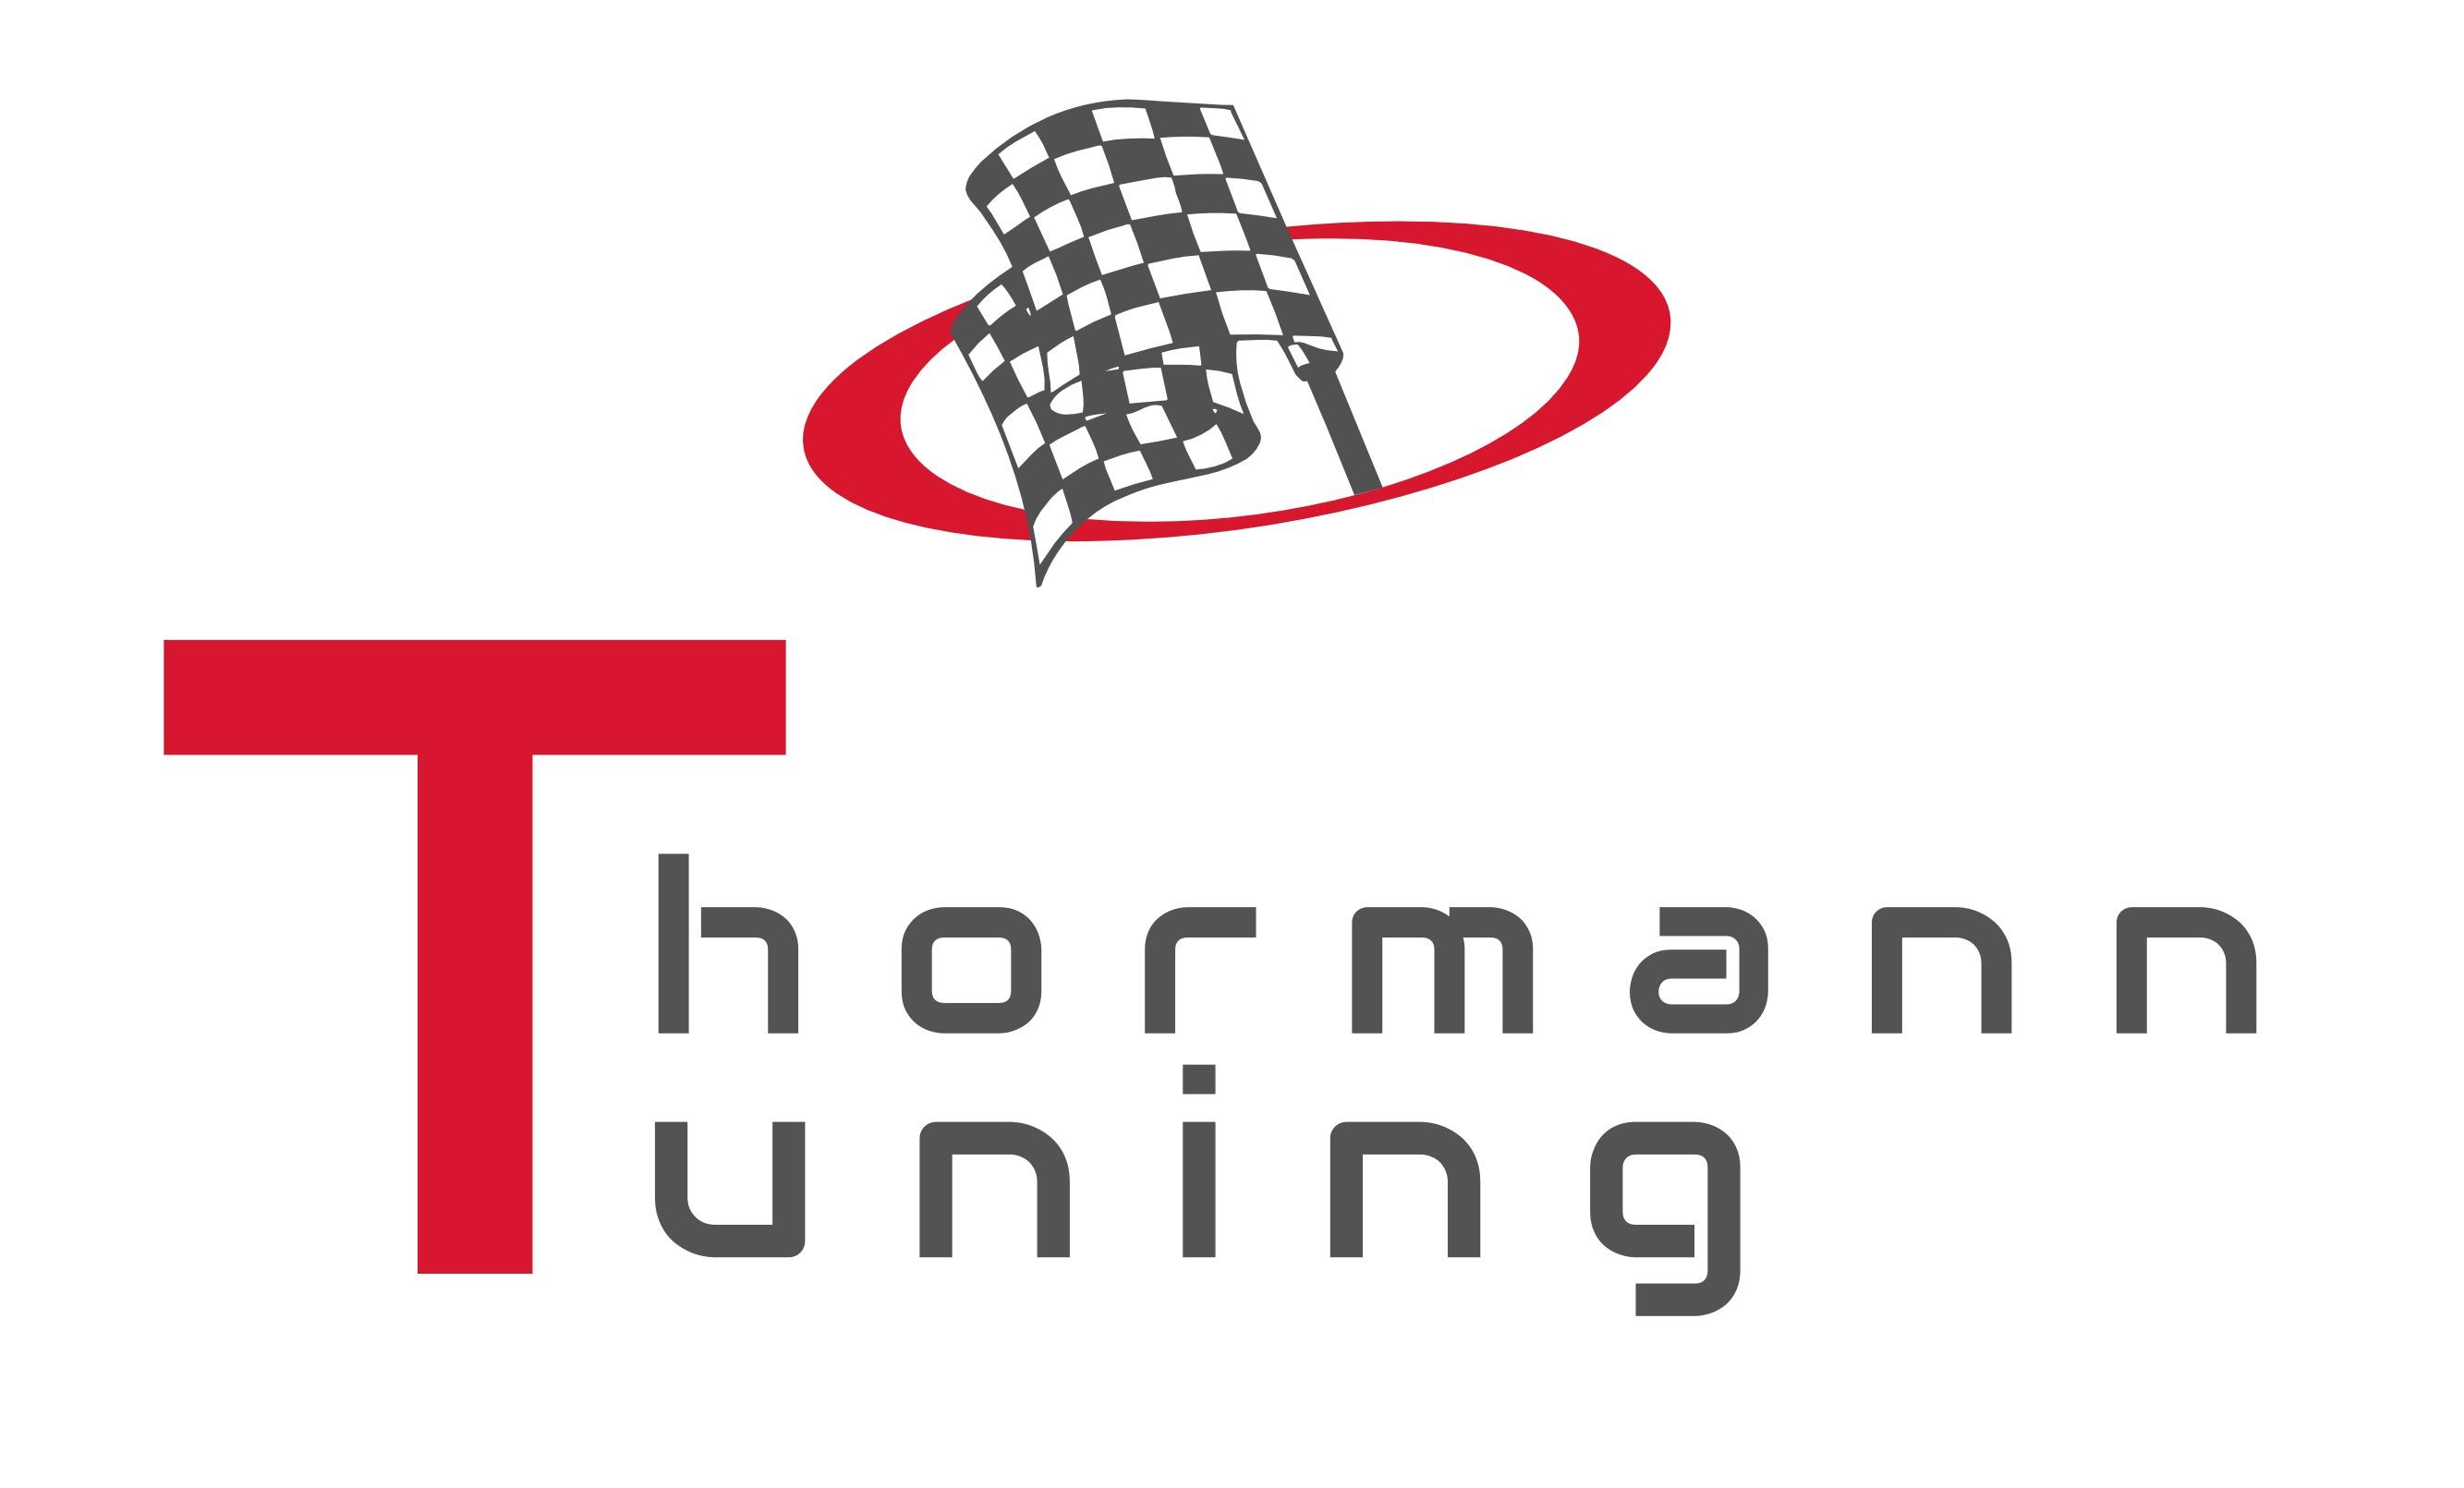 thormann tuning in r dental branchenbuch deutschland. Black Bedroom Furniture Sets. Home Design Ideas